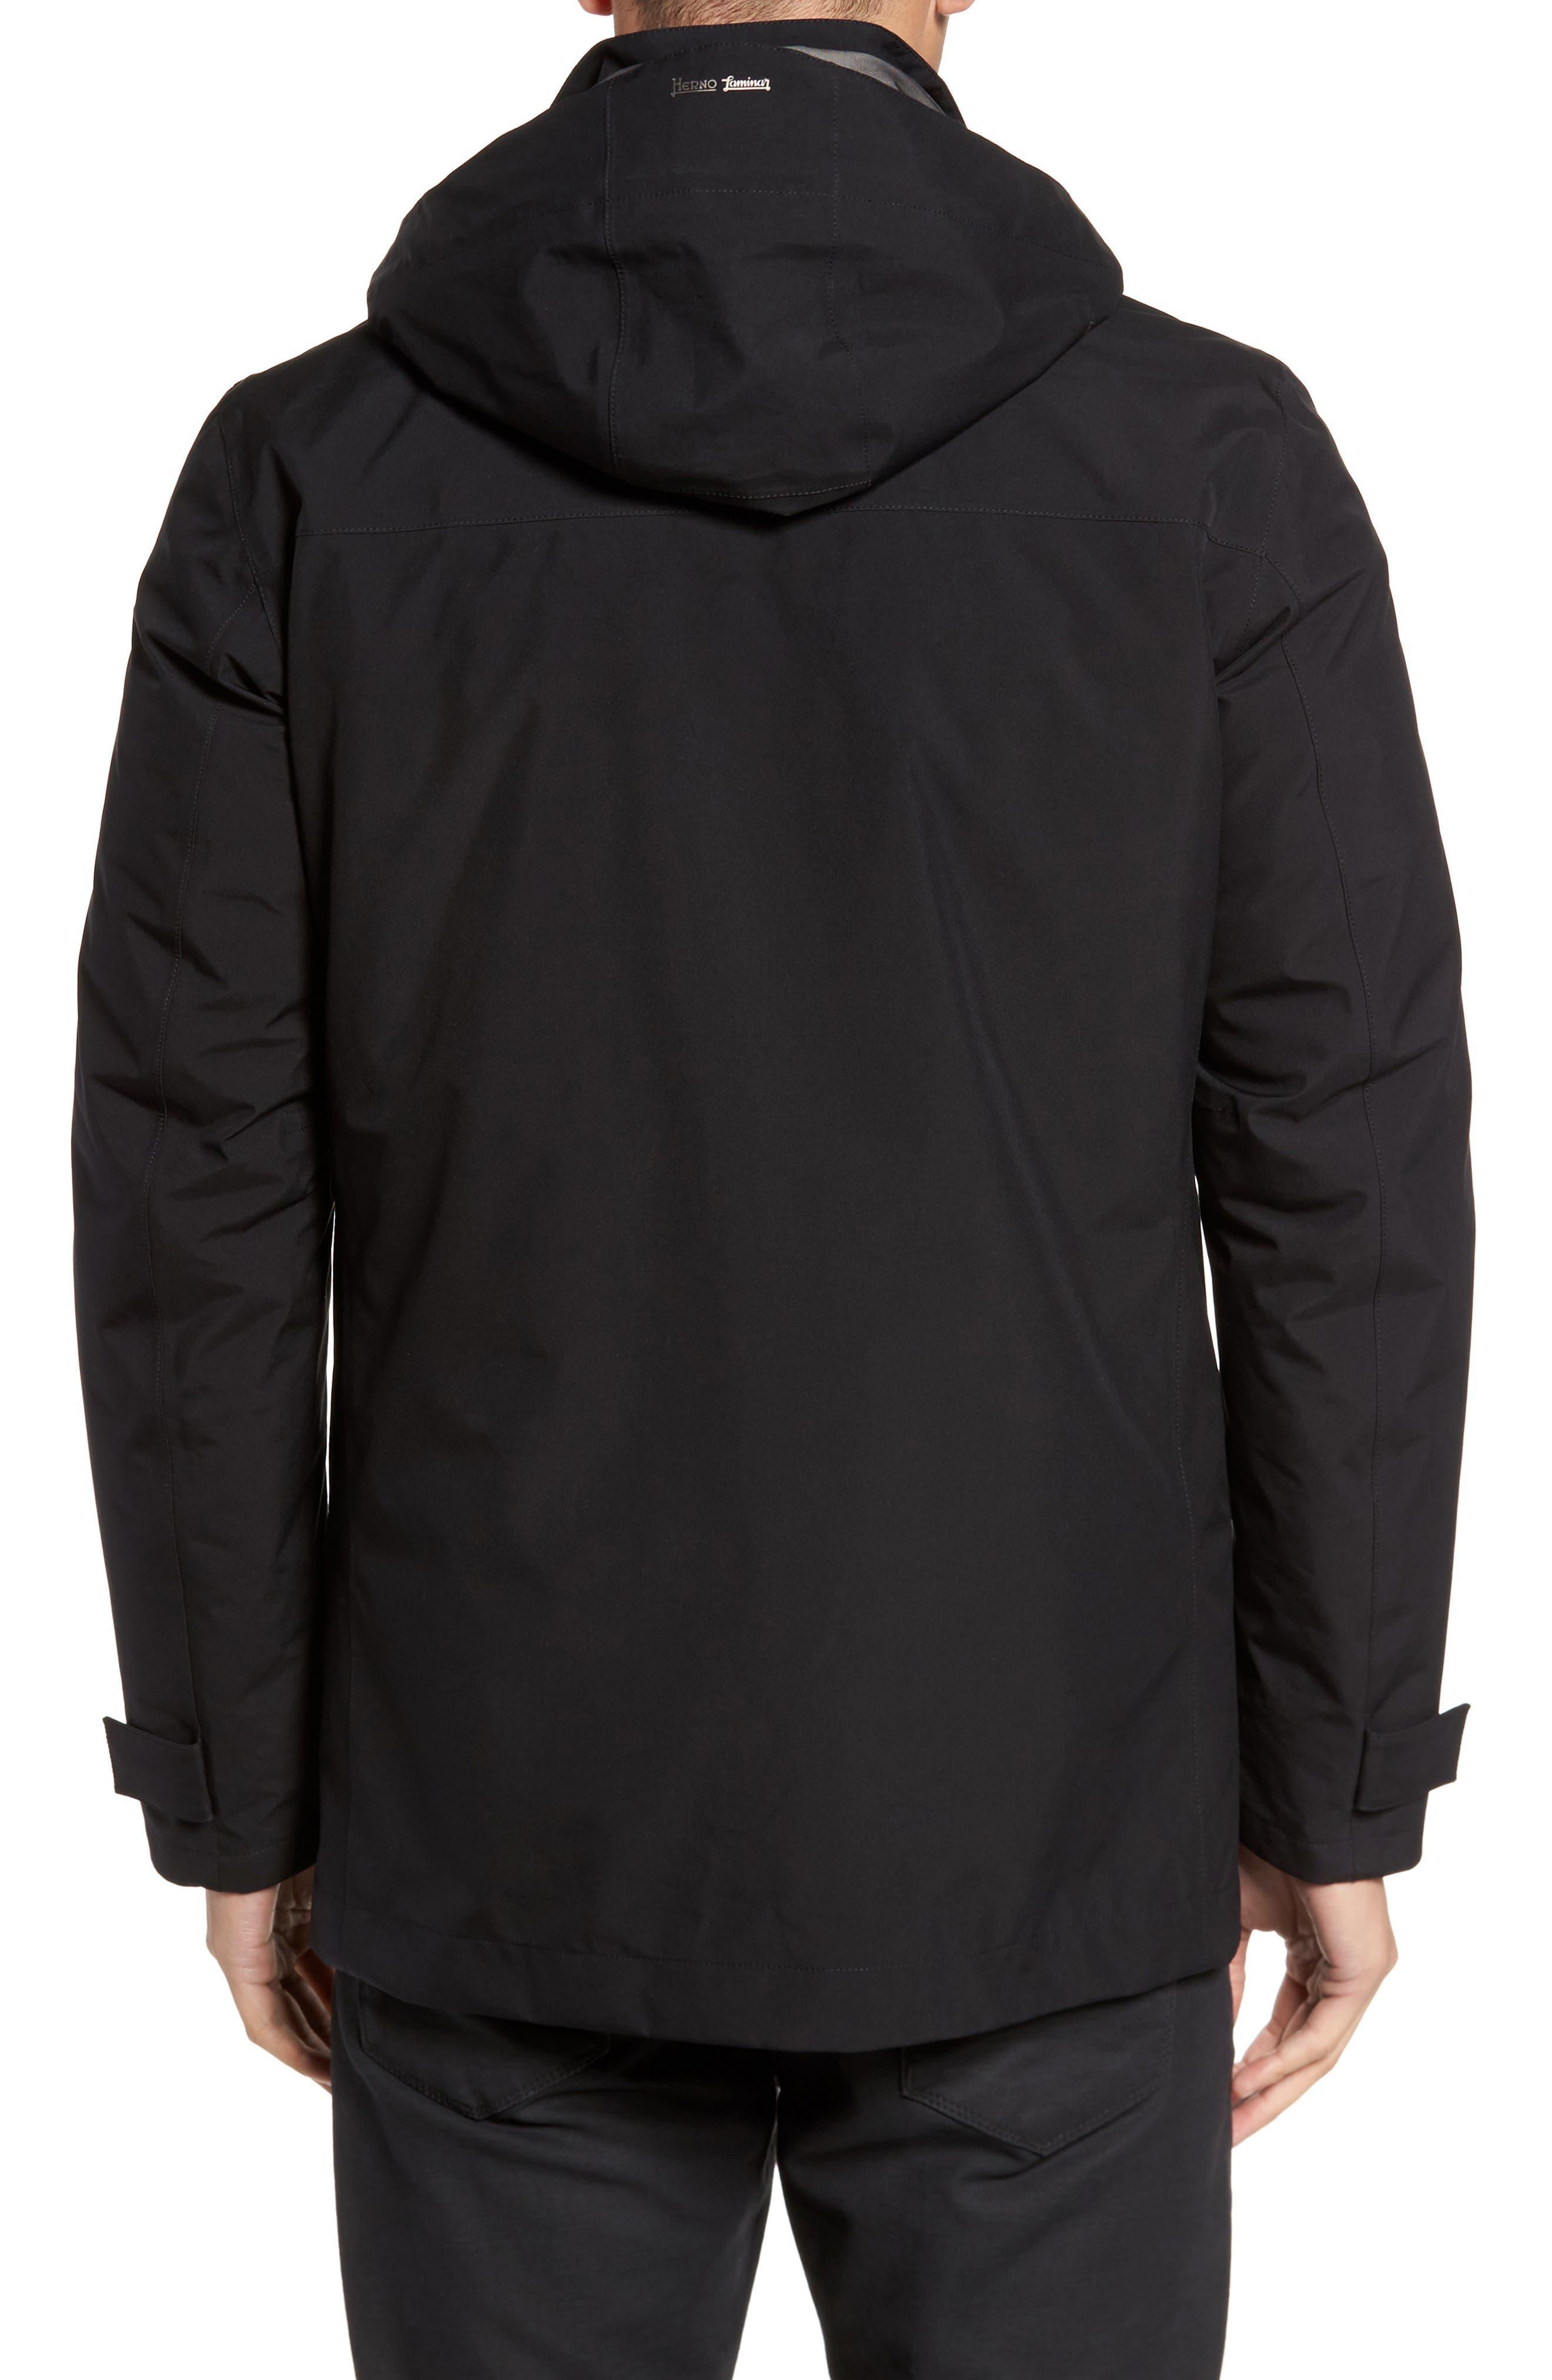 Laminar 3-in-1 Gore-Tex<sup>®</sup> Car Coat,                             Alternate thumbnail 2, color,                             Black